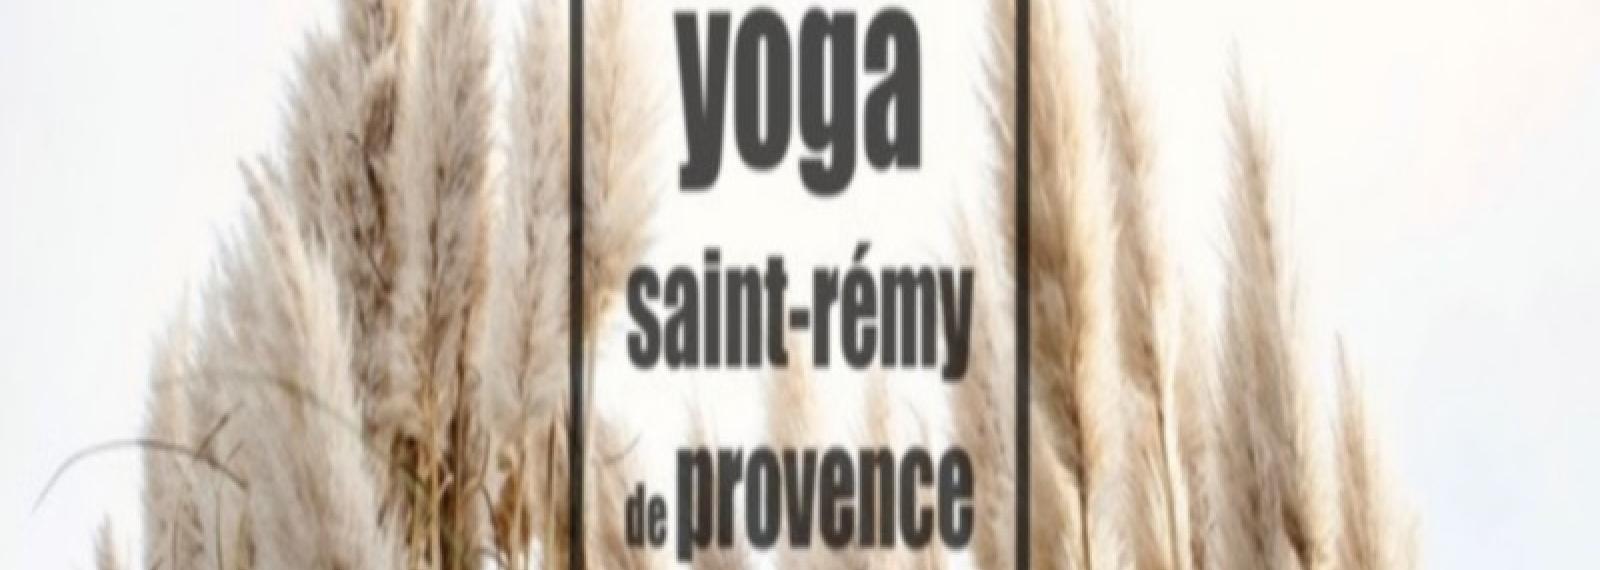 Yoga Saint-Rémy